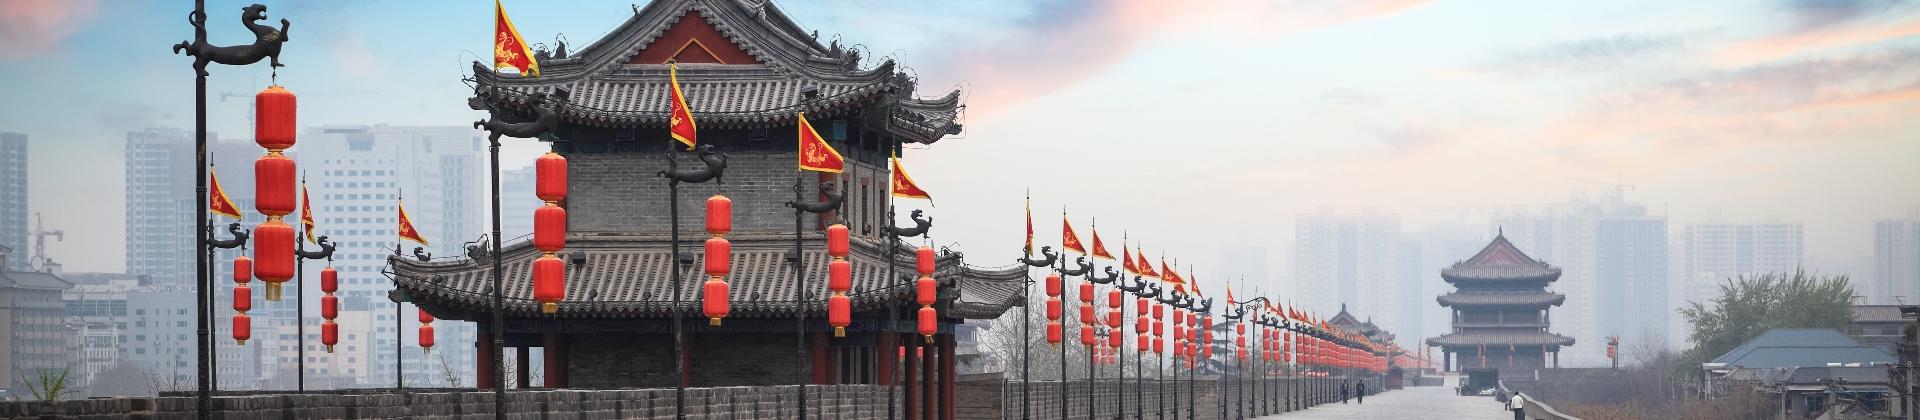 De skyline van Xian